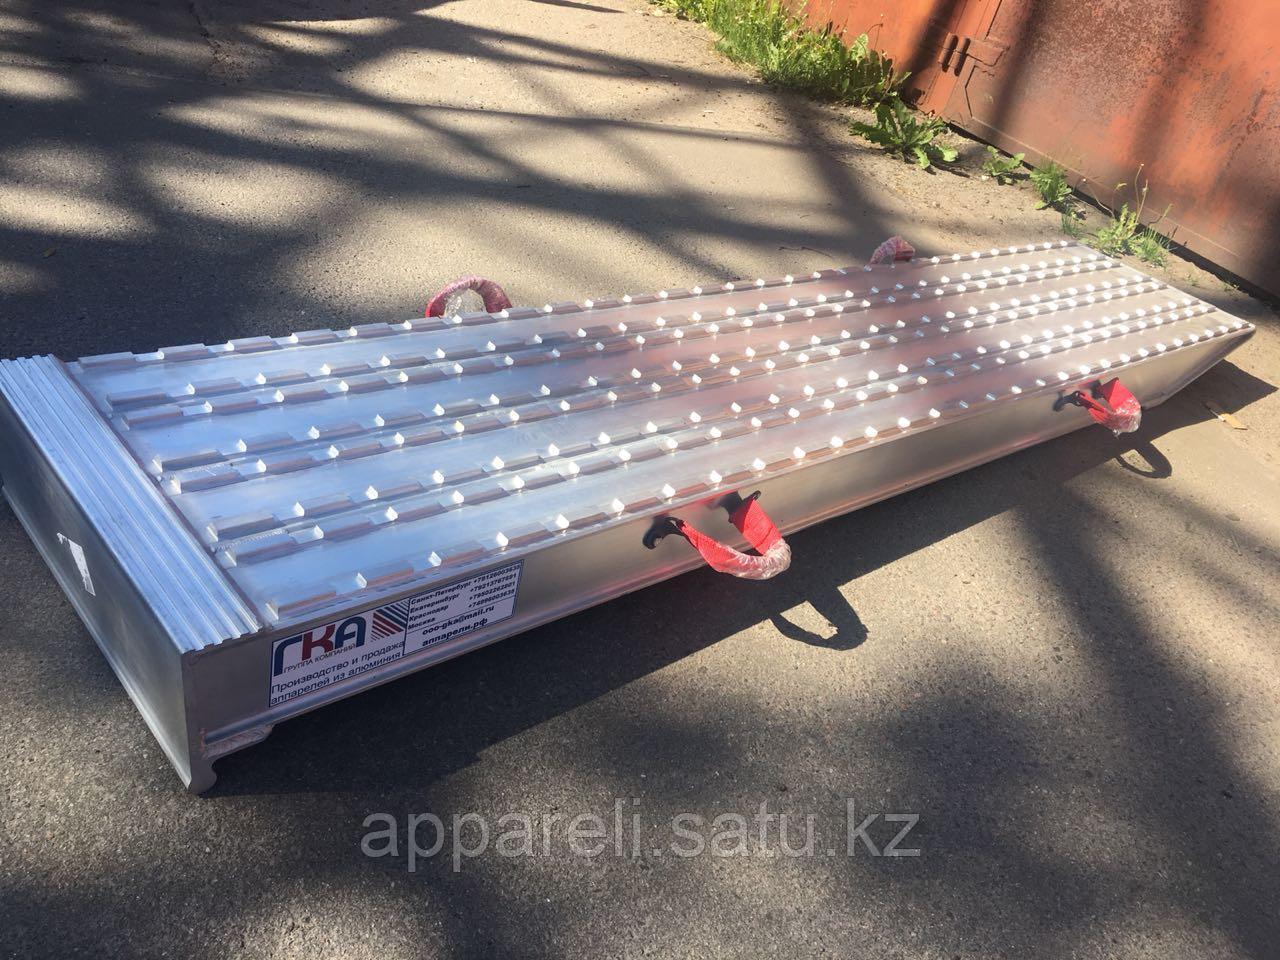 Погрузочные рампы из алюминия (аппарели / трапы) 2400 мм